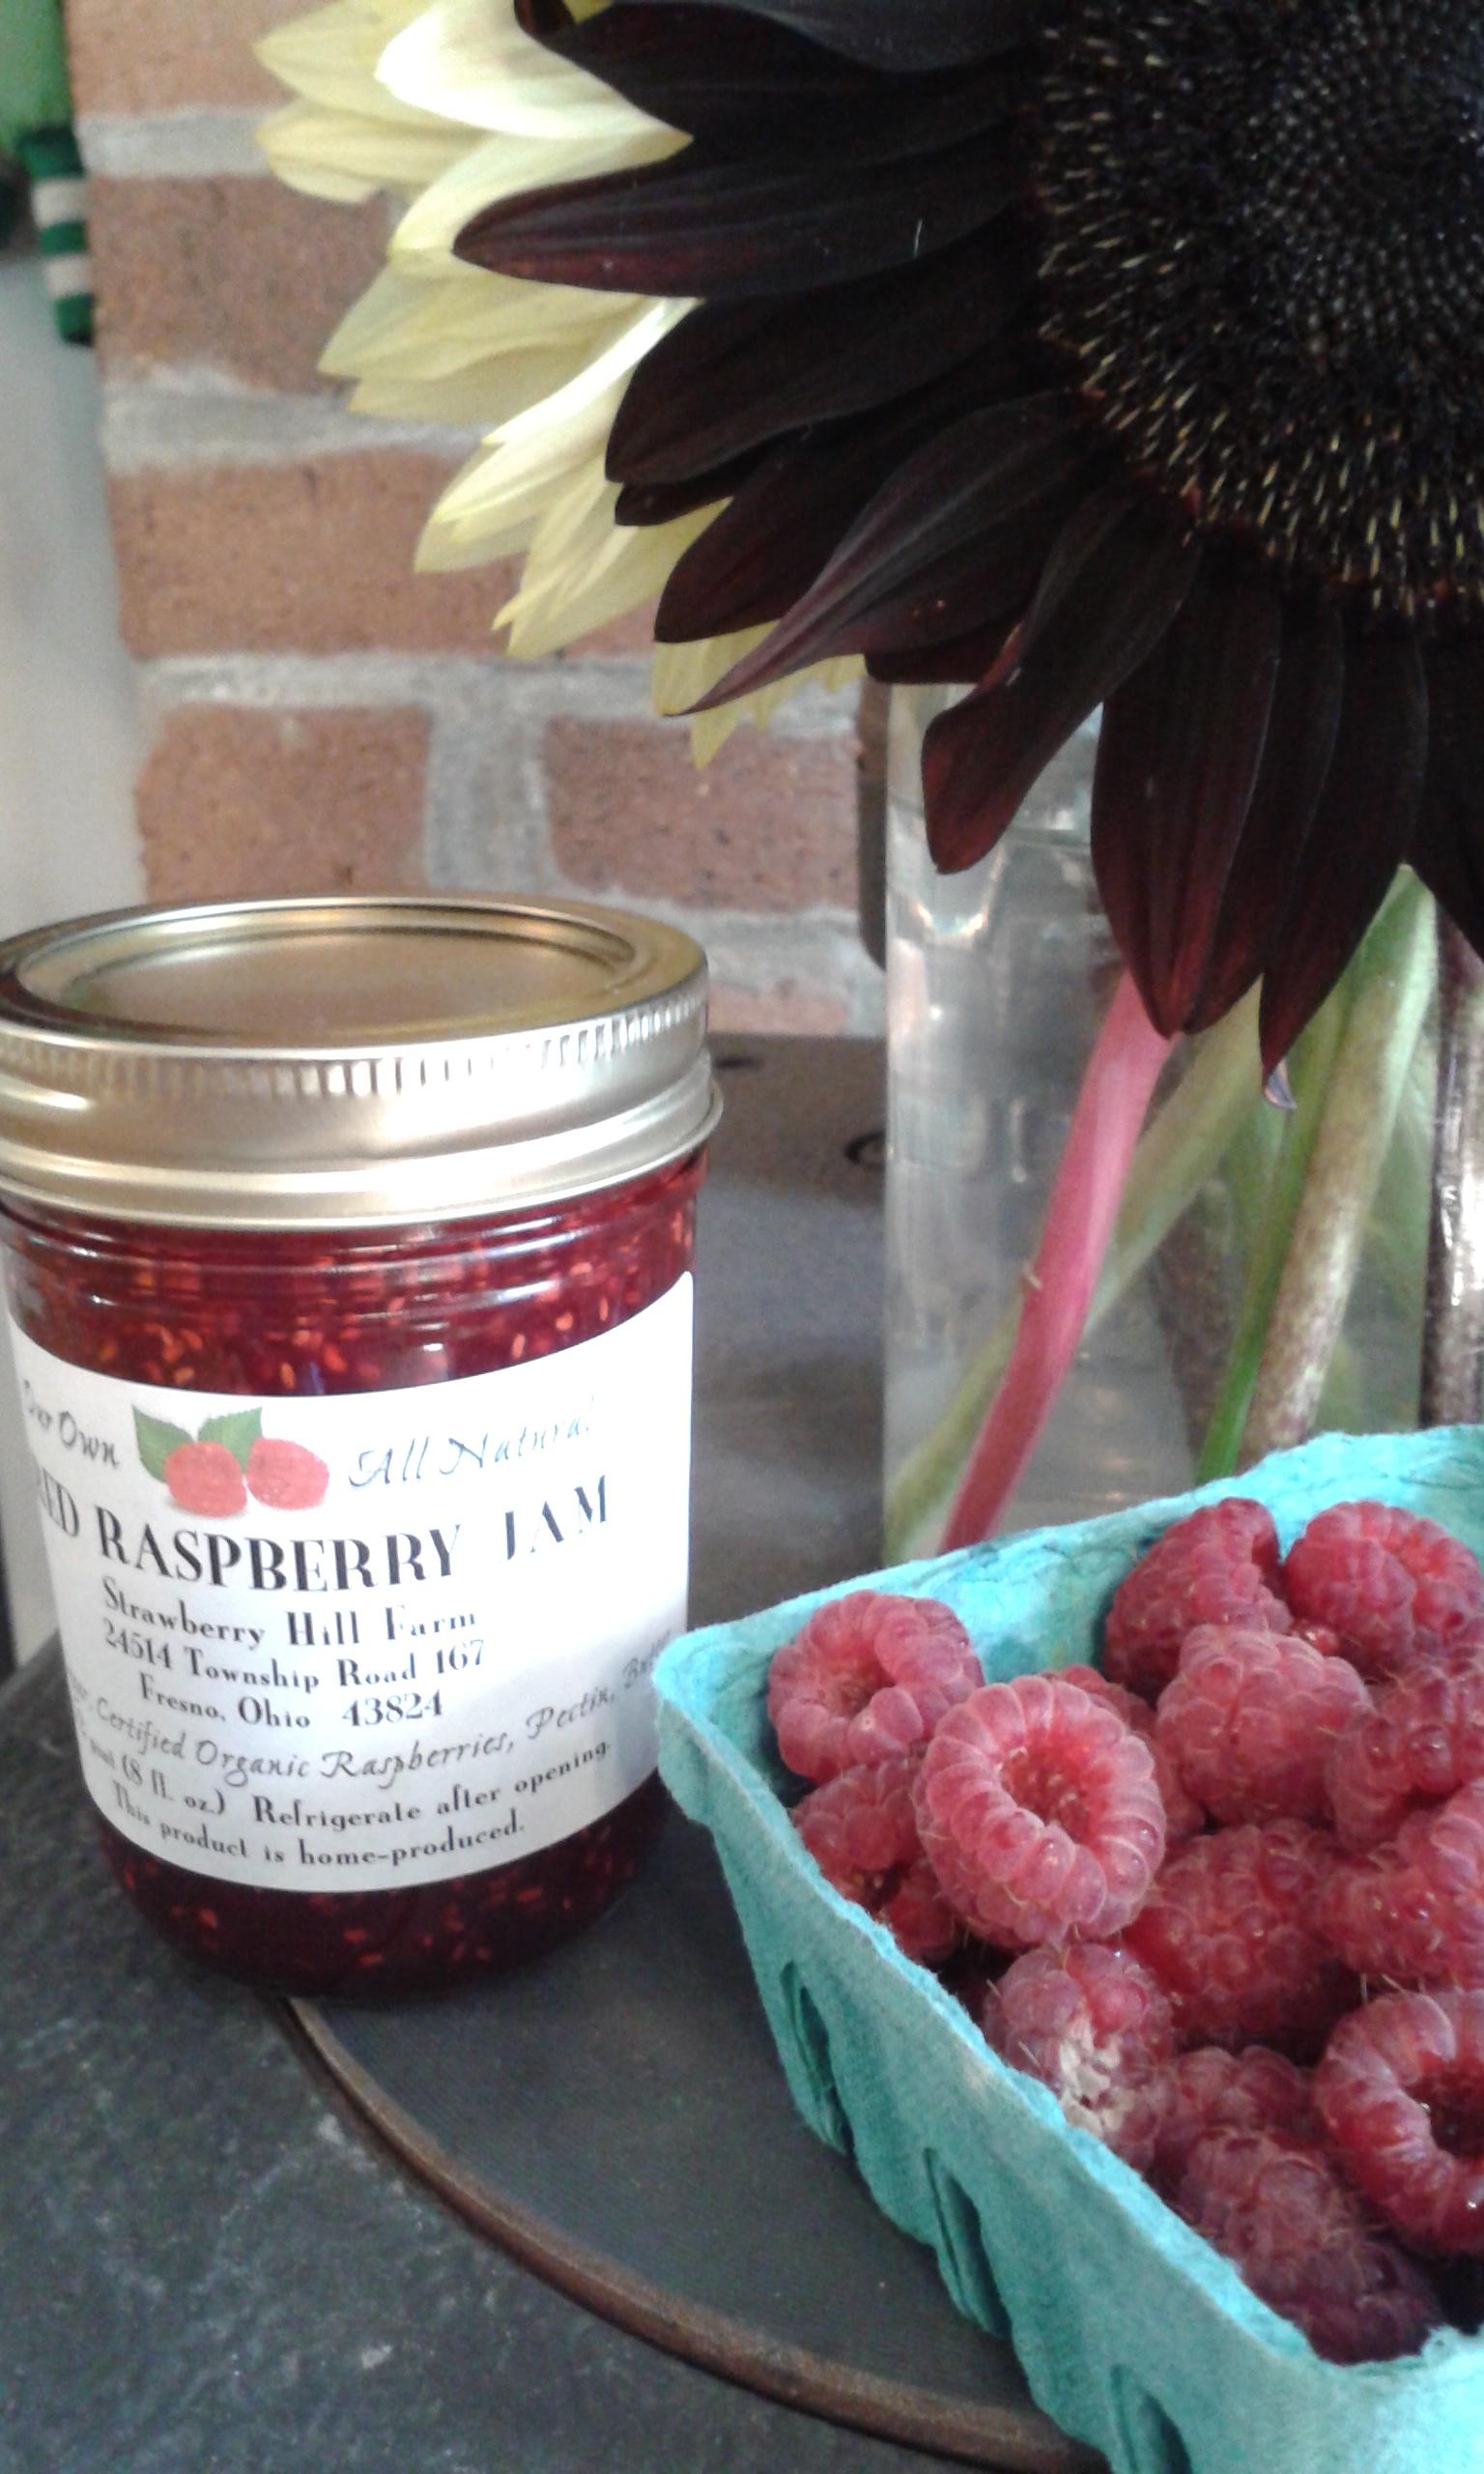 Raspberry Jam Is in Stock!